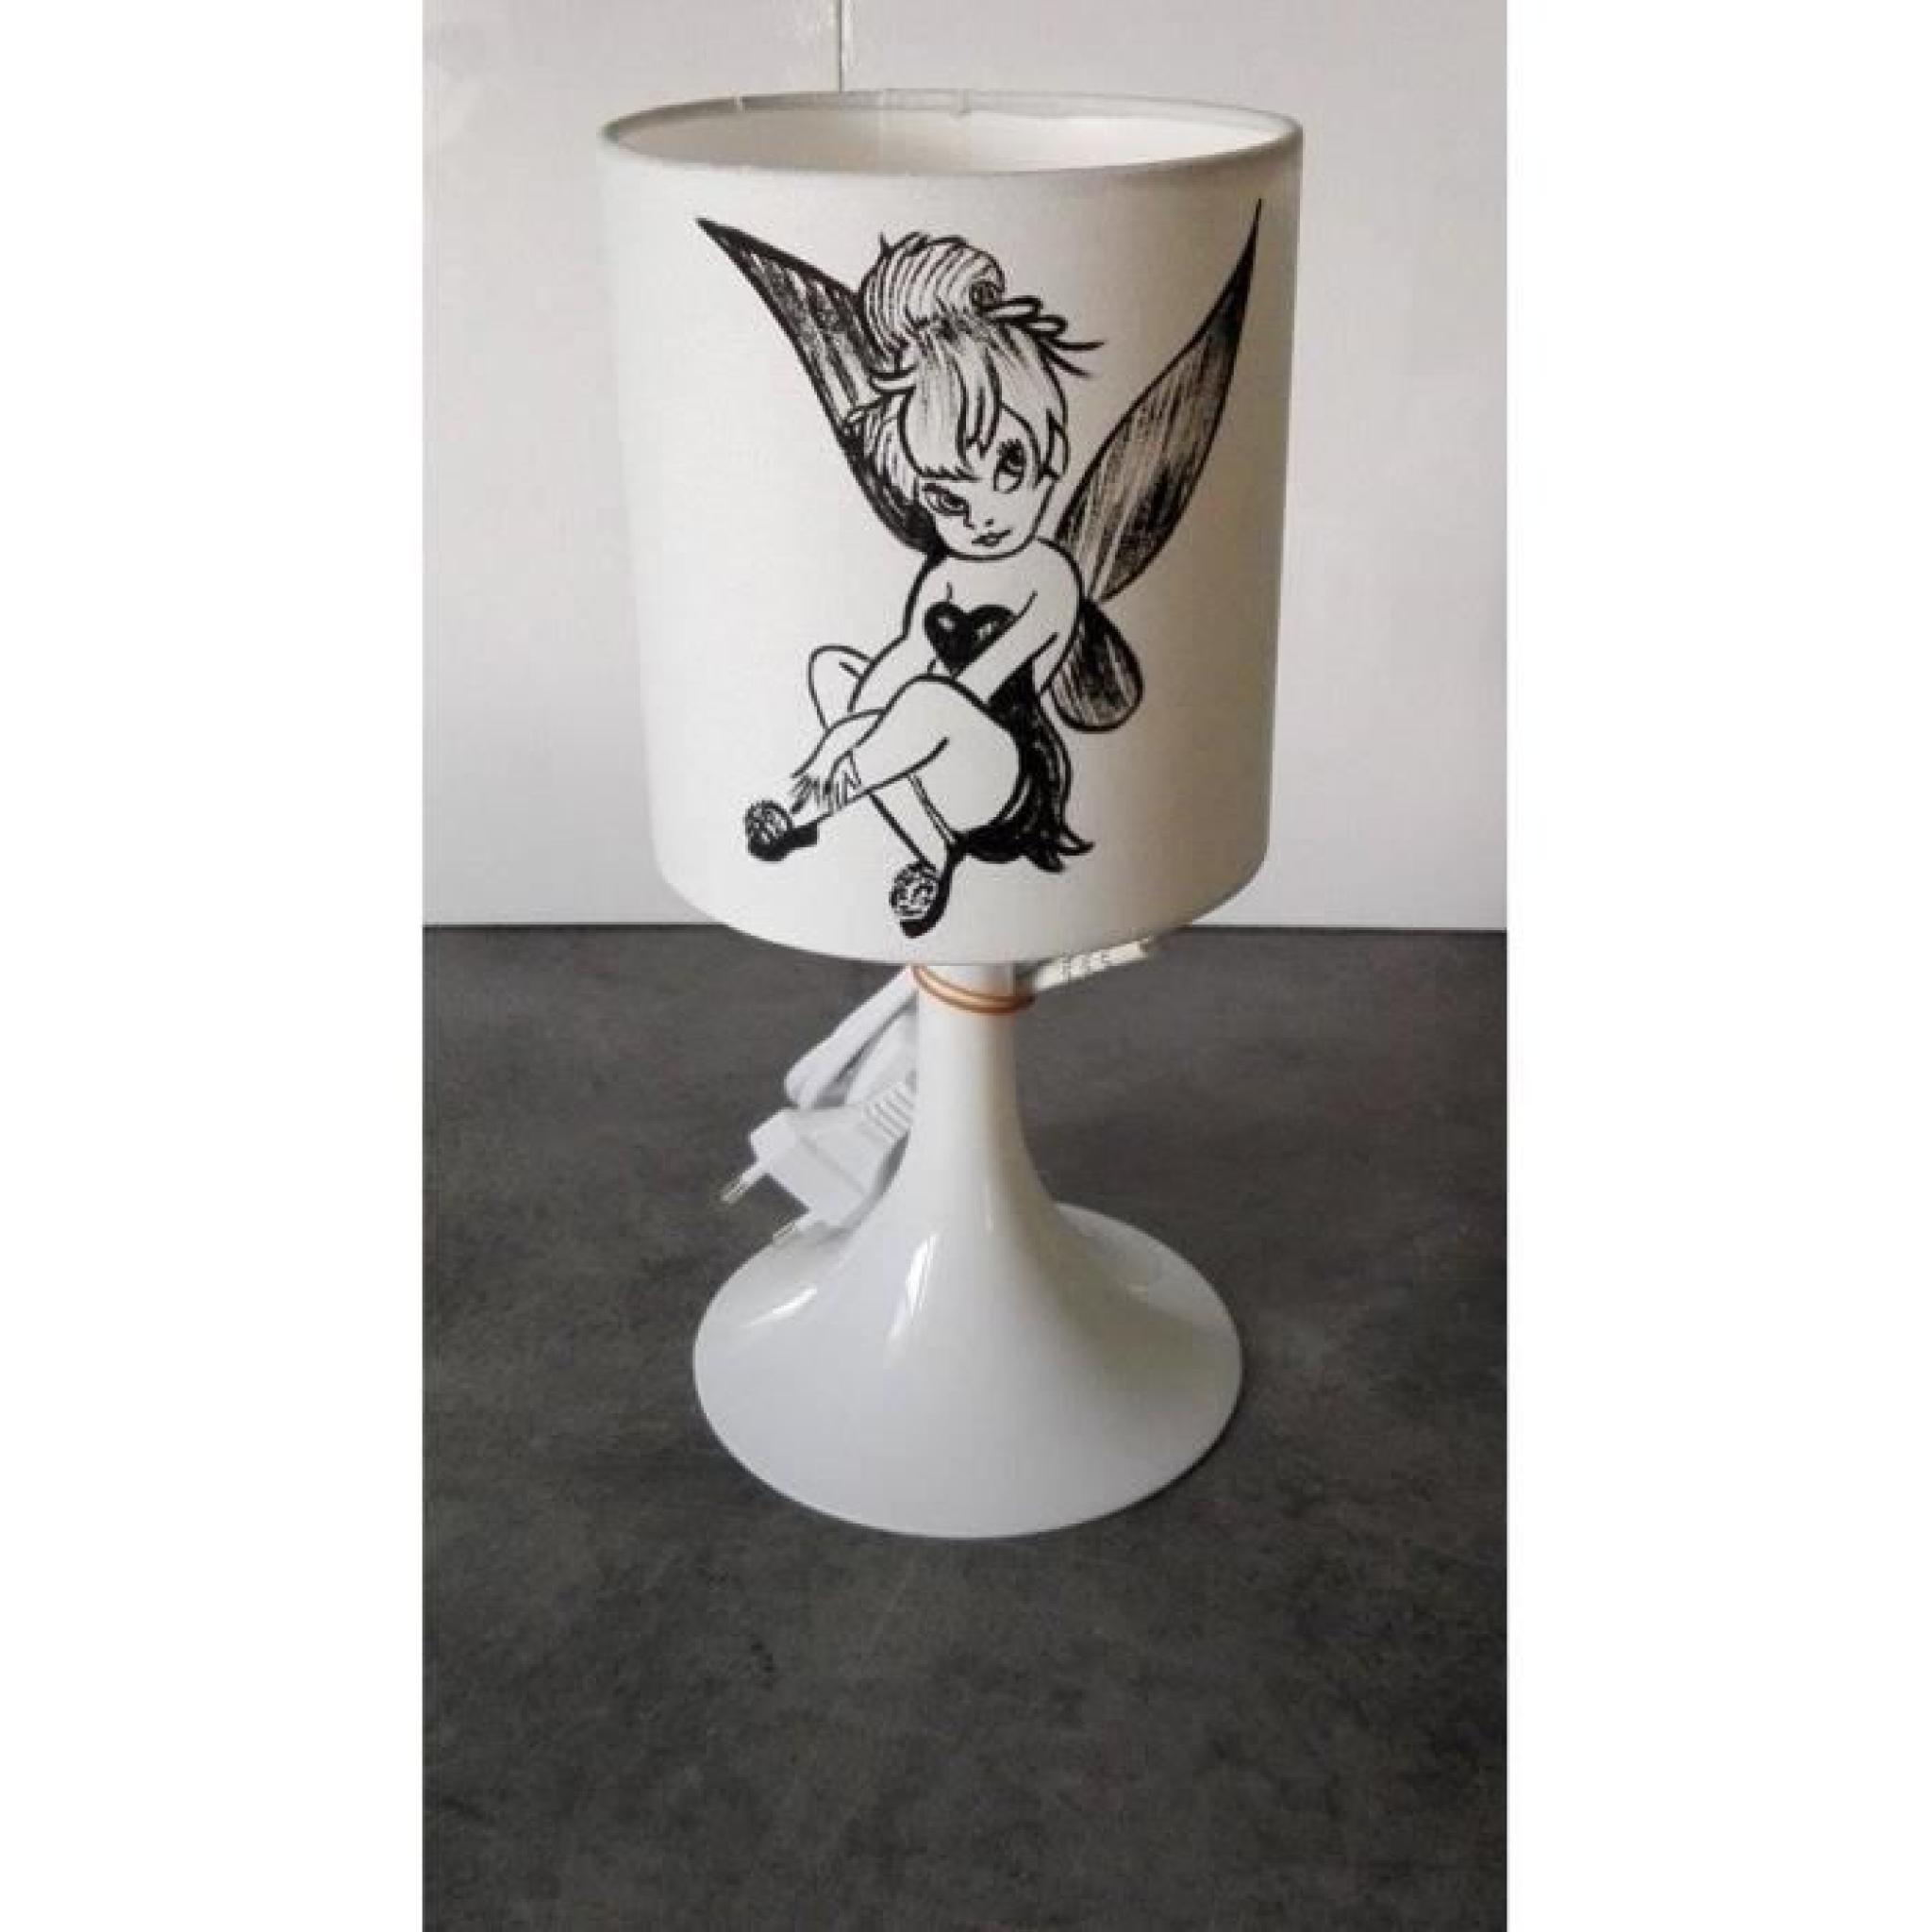 Lampe Clochette Peint Chevet Main Fee De wPiOkXZTu